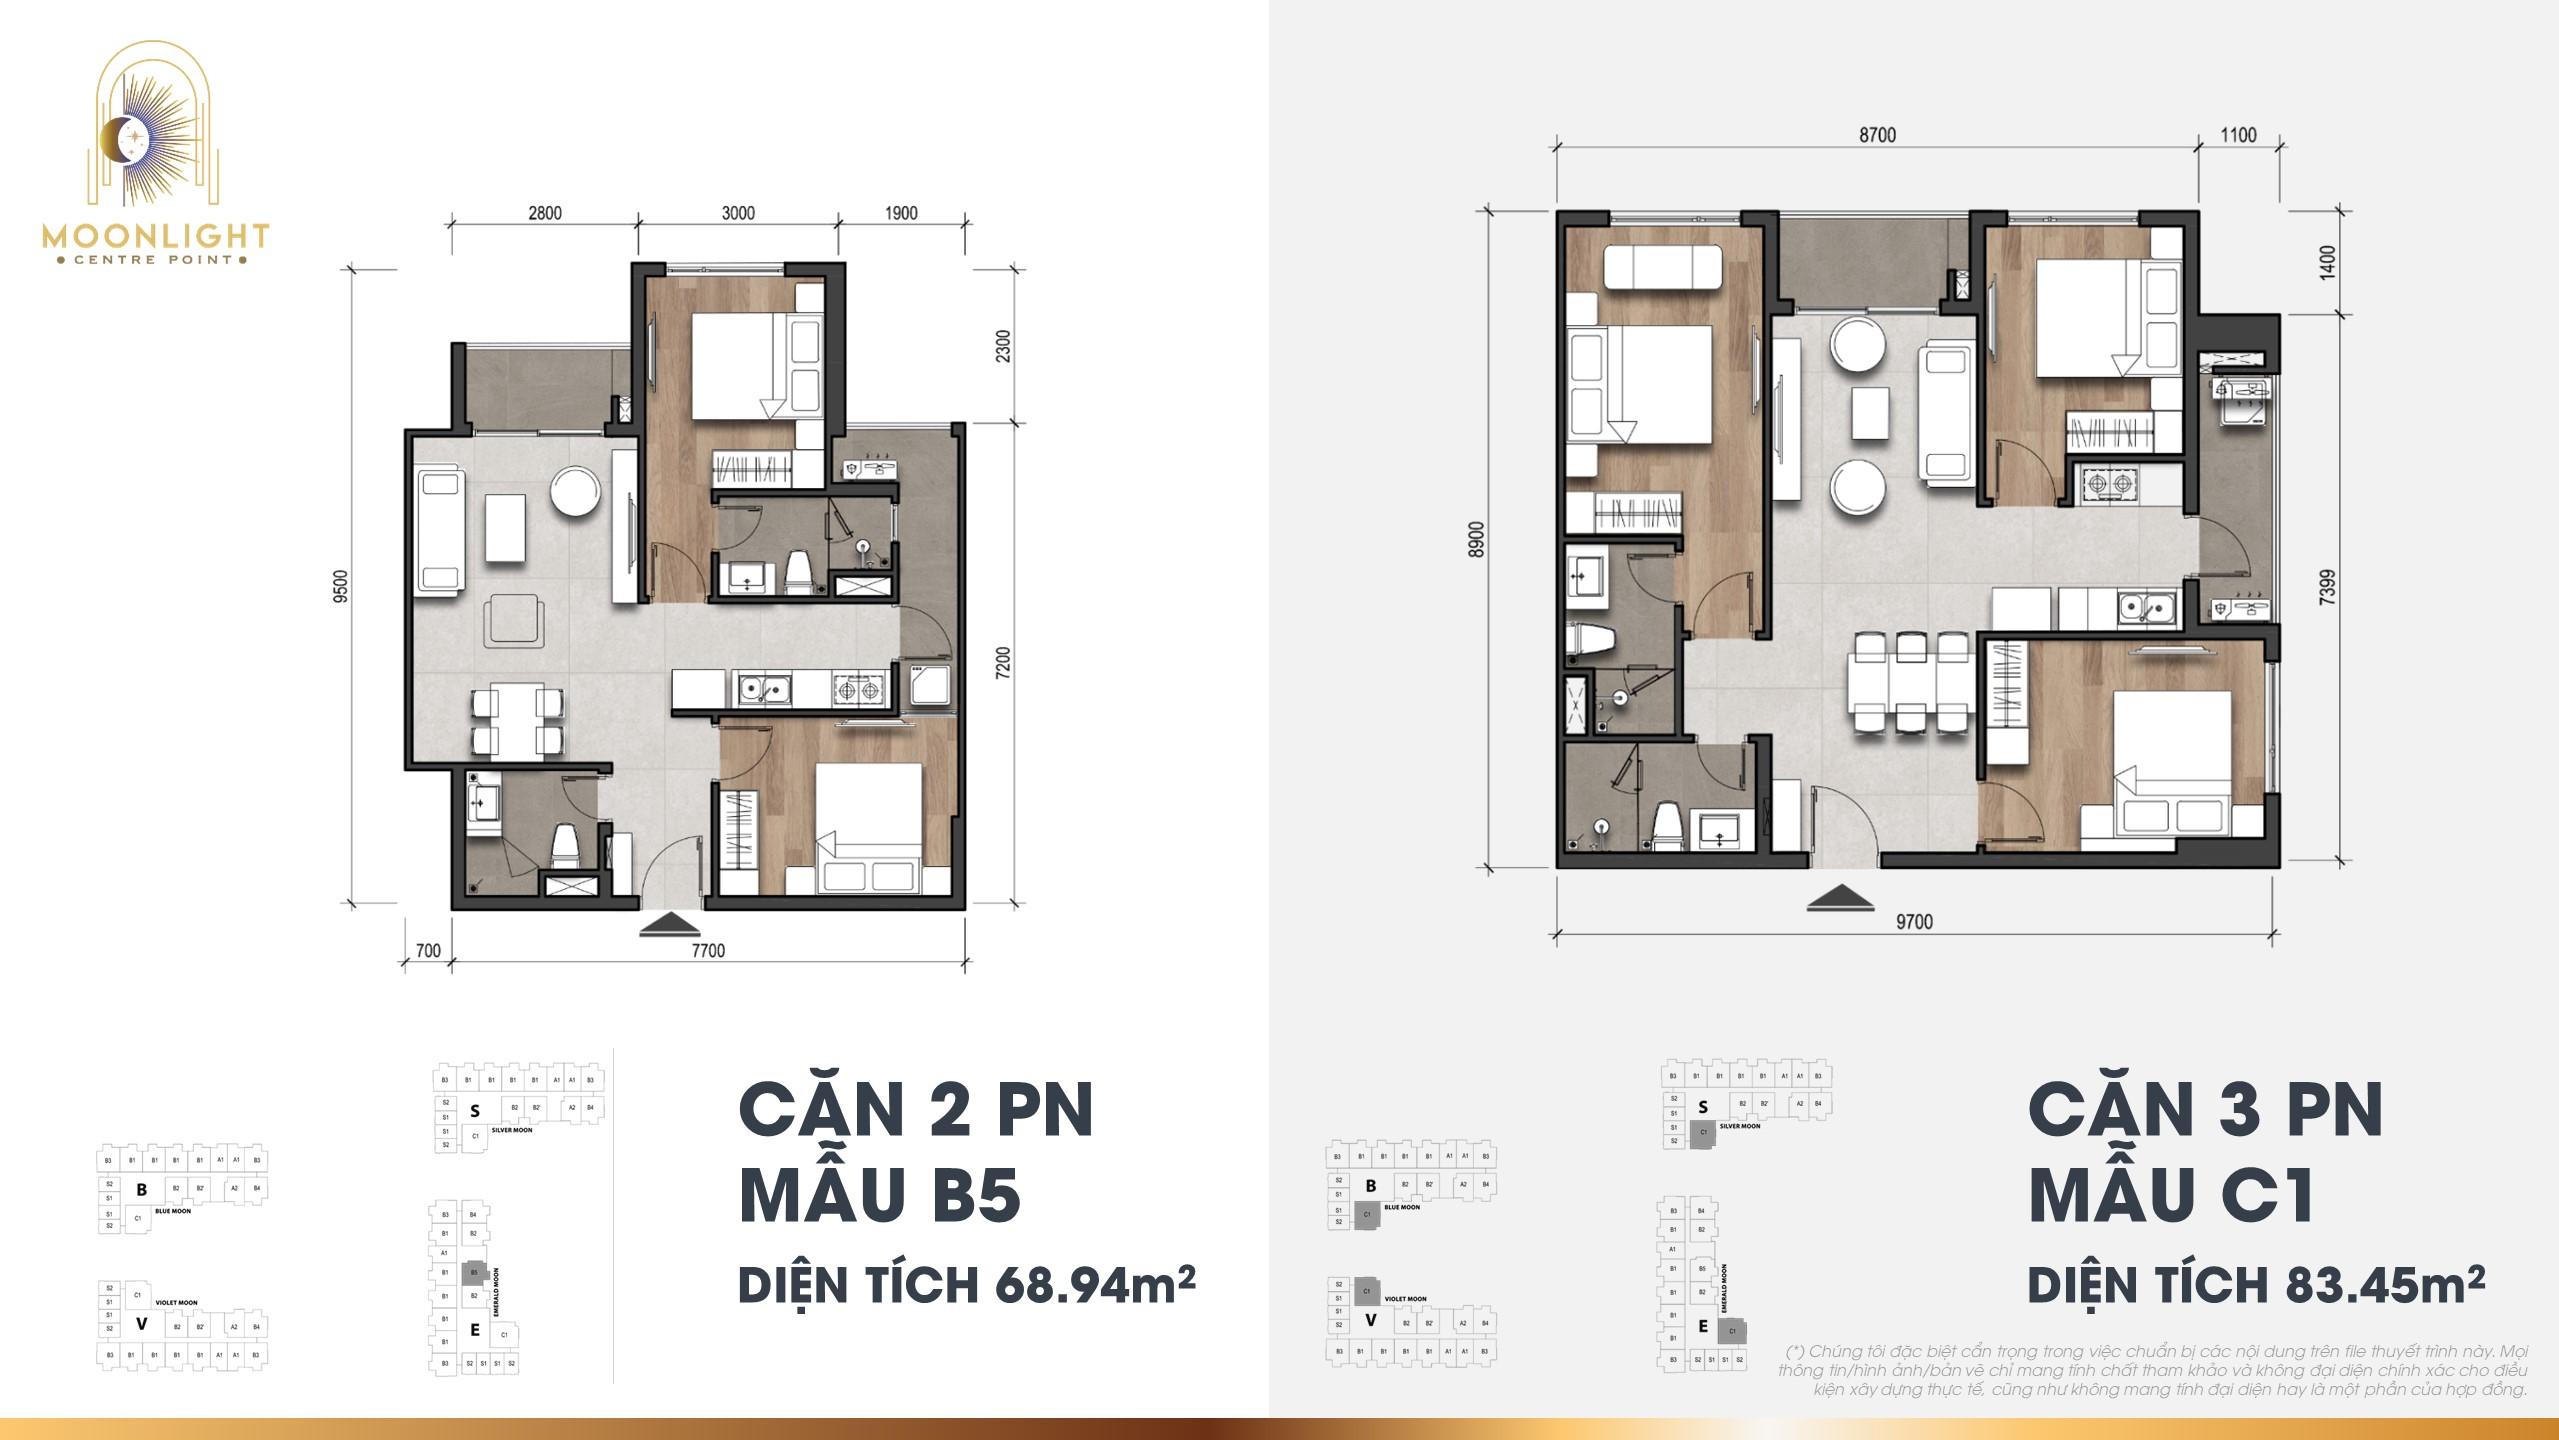 Thiết kế căn hộ mẫu 2PN Moonlight Centre Point